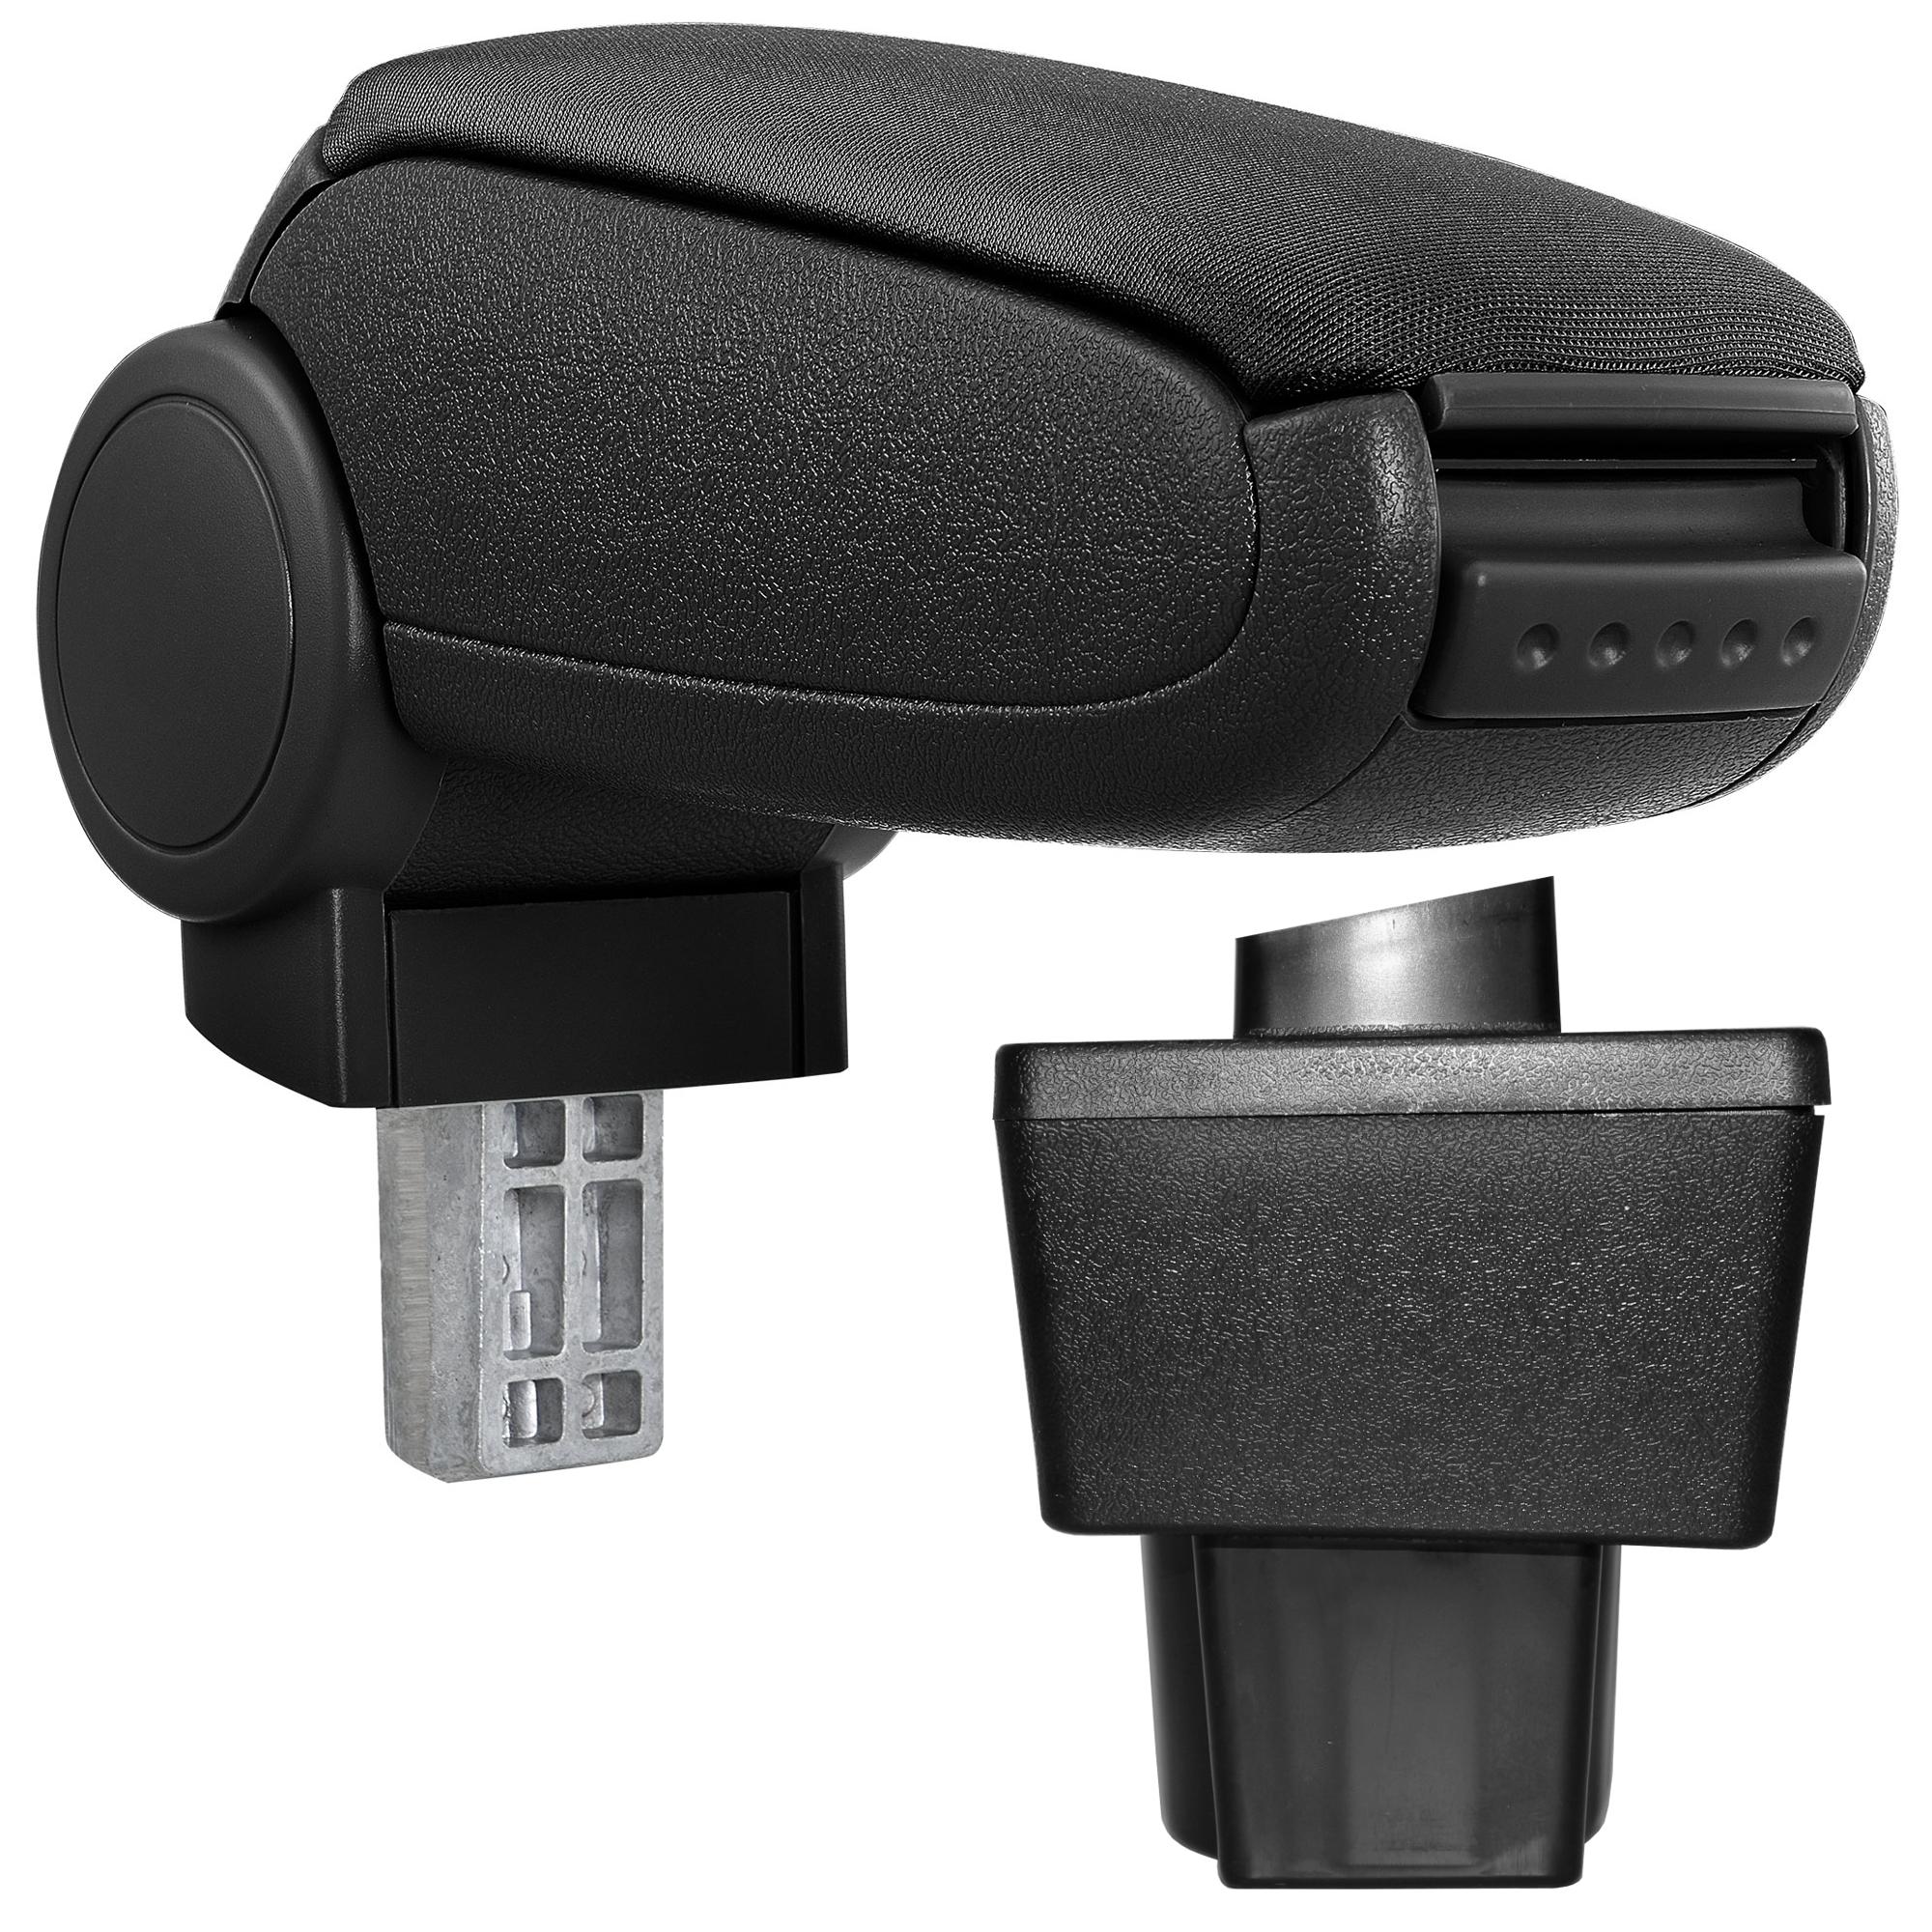 Středová loketní opěrka - vhodná pro: Škoda Yeti, Model 1 od 2009 - Látkový potah (plochá tkanina) - Černá s černými švy